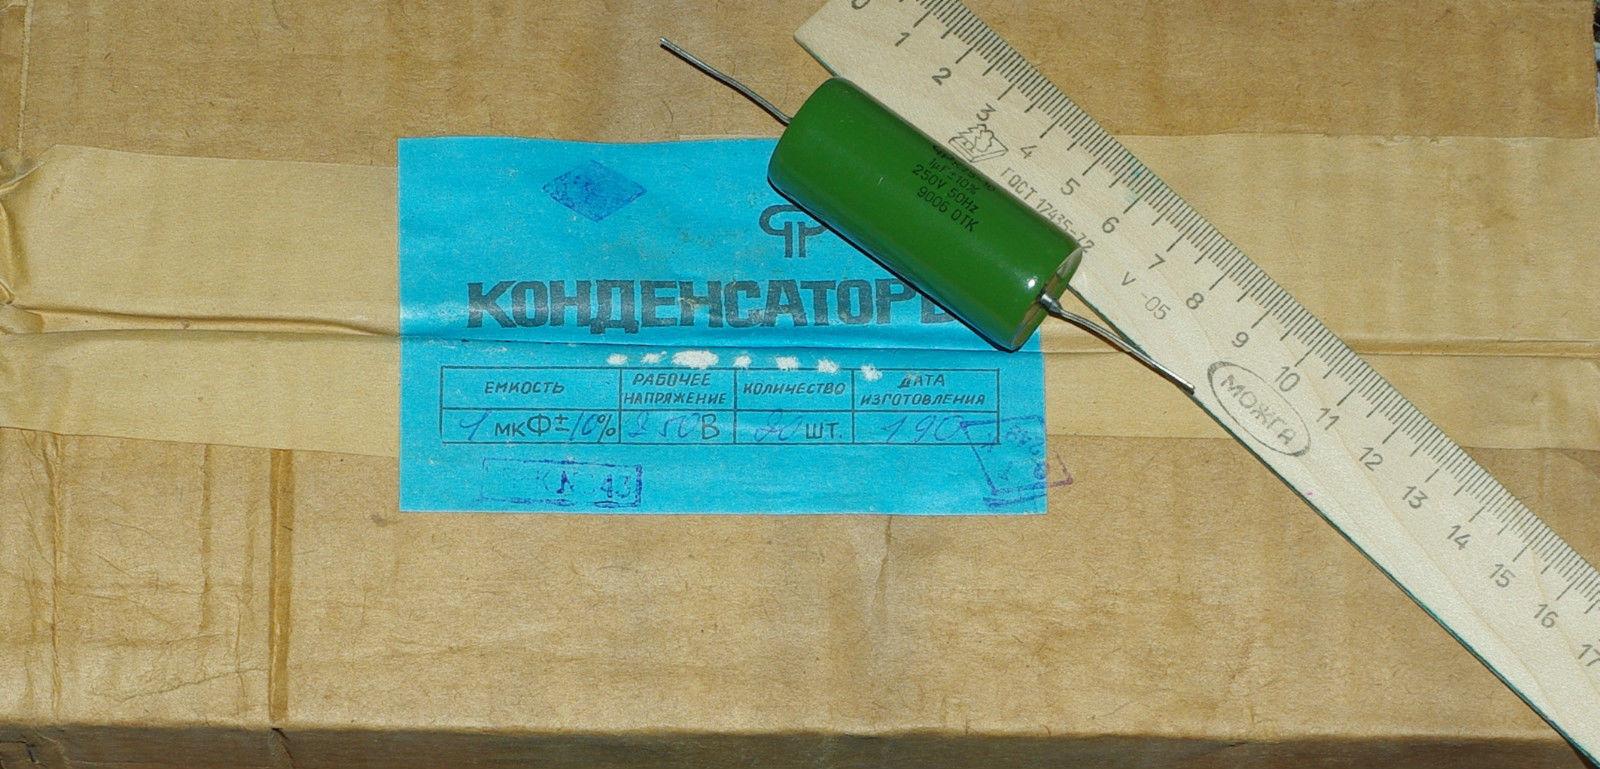 K75-10 CAPACITOR 0.1uF 500v lot 5 pcs Ussr military soviet audio